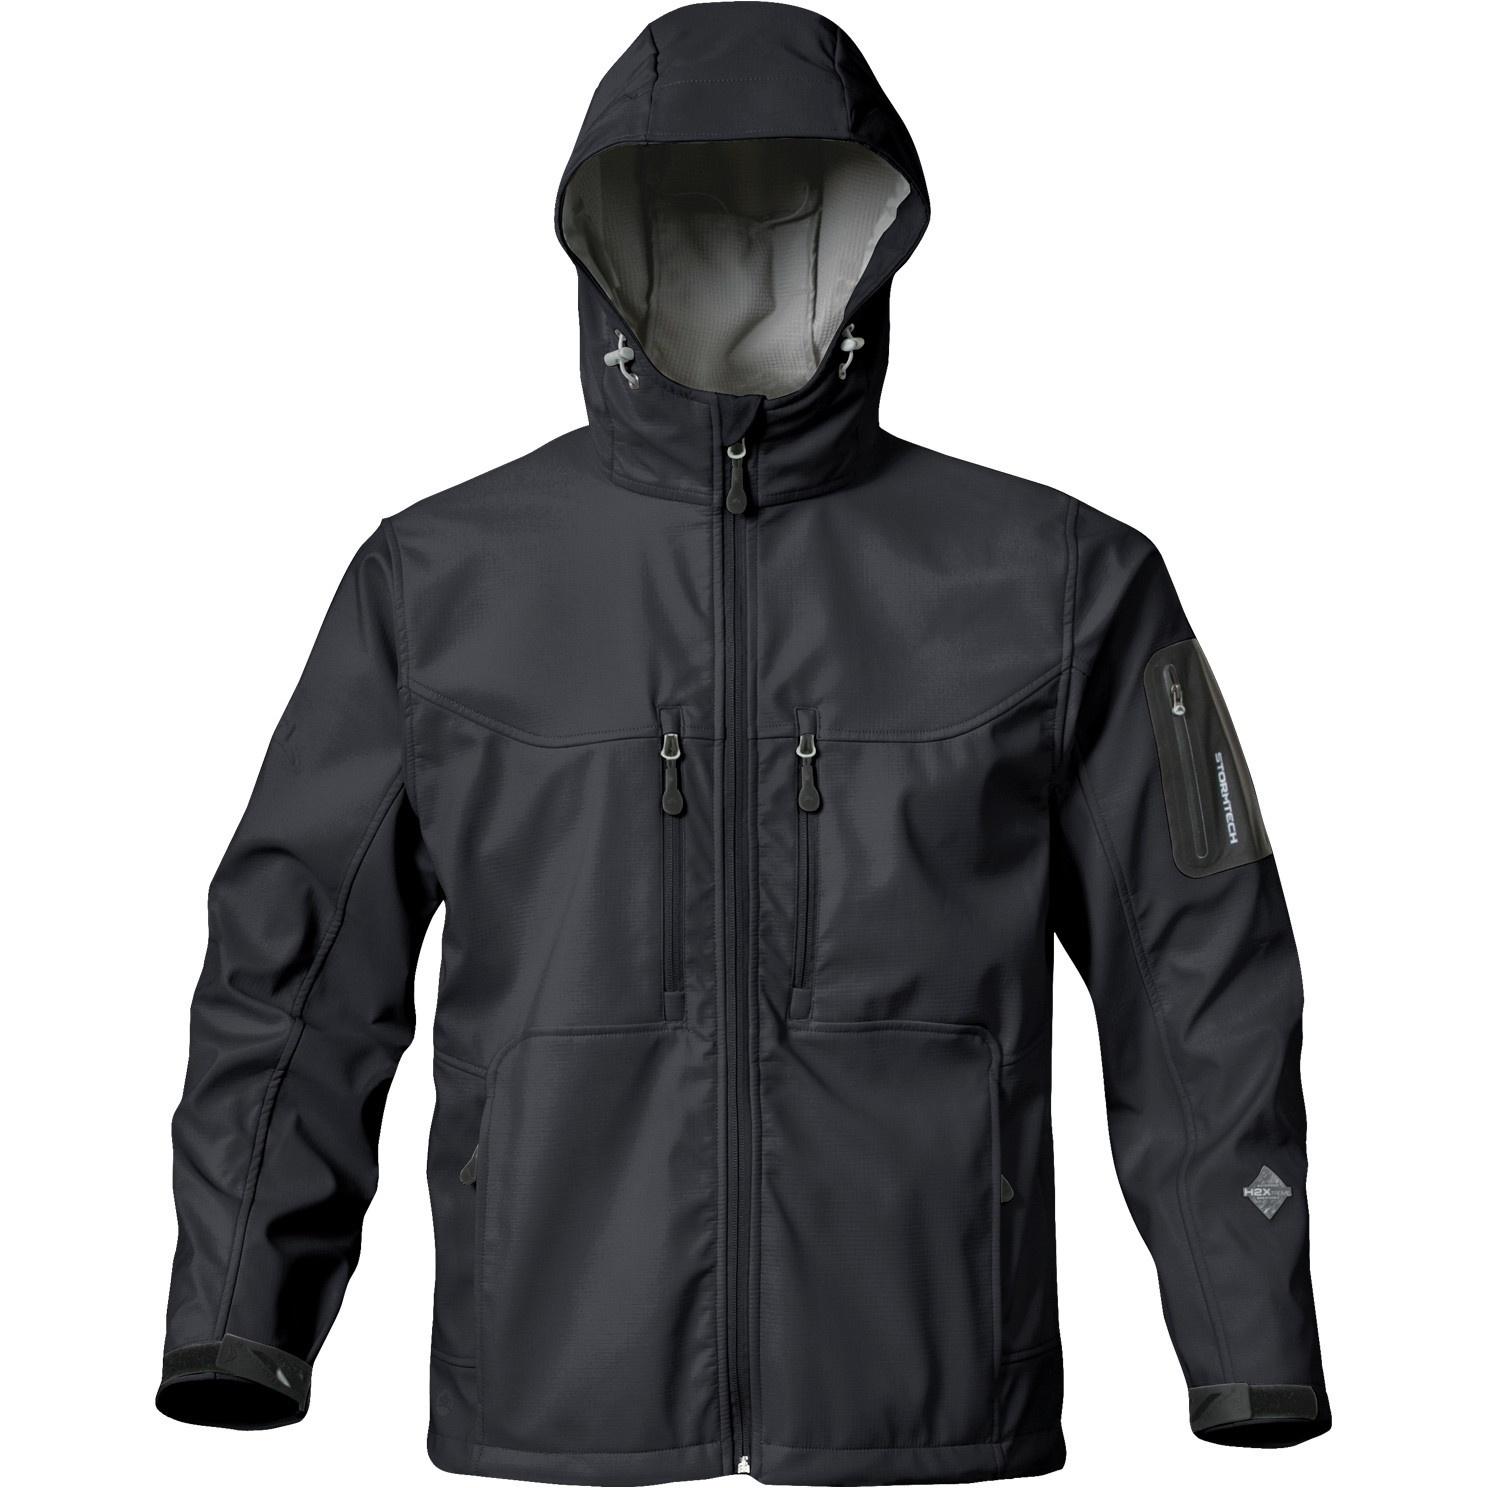 Stormtech Mens Premium Epsilon H2xtreme Water Resistant Breathable Jacket (2XL) (Black)